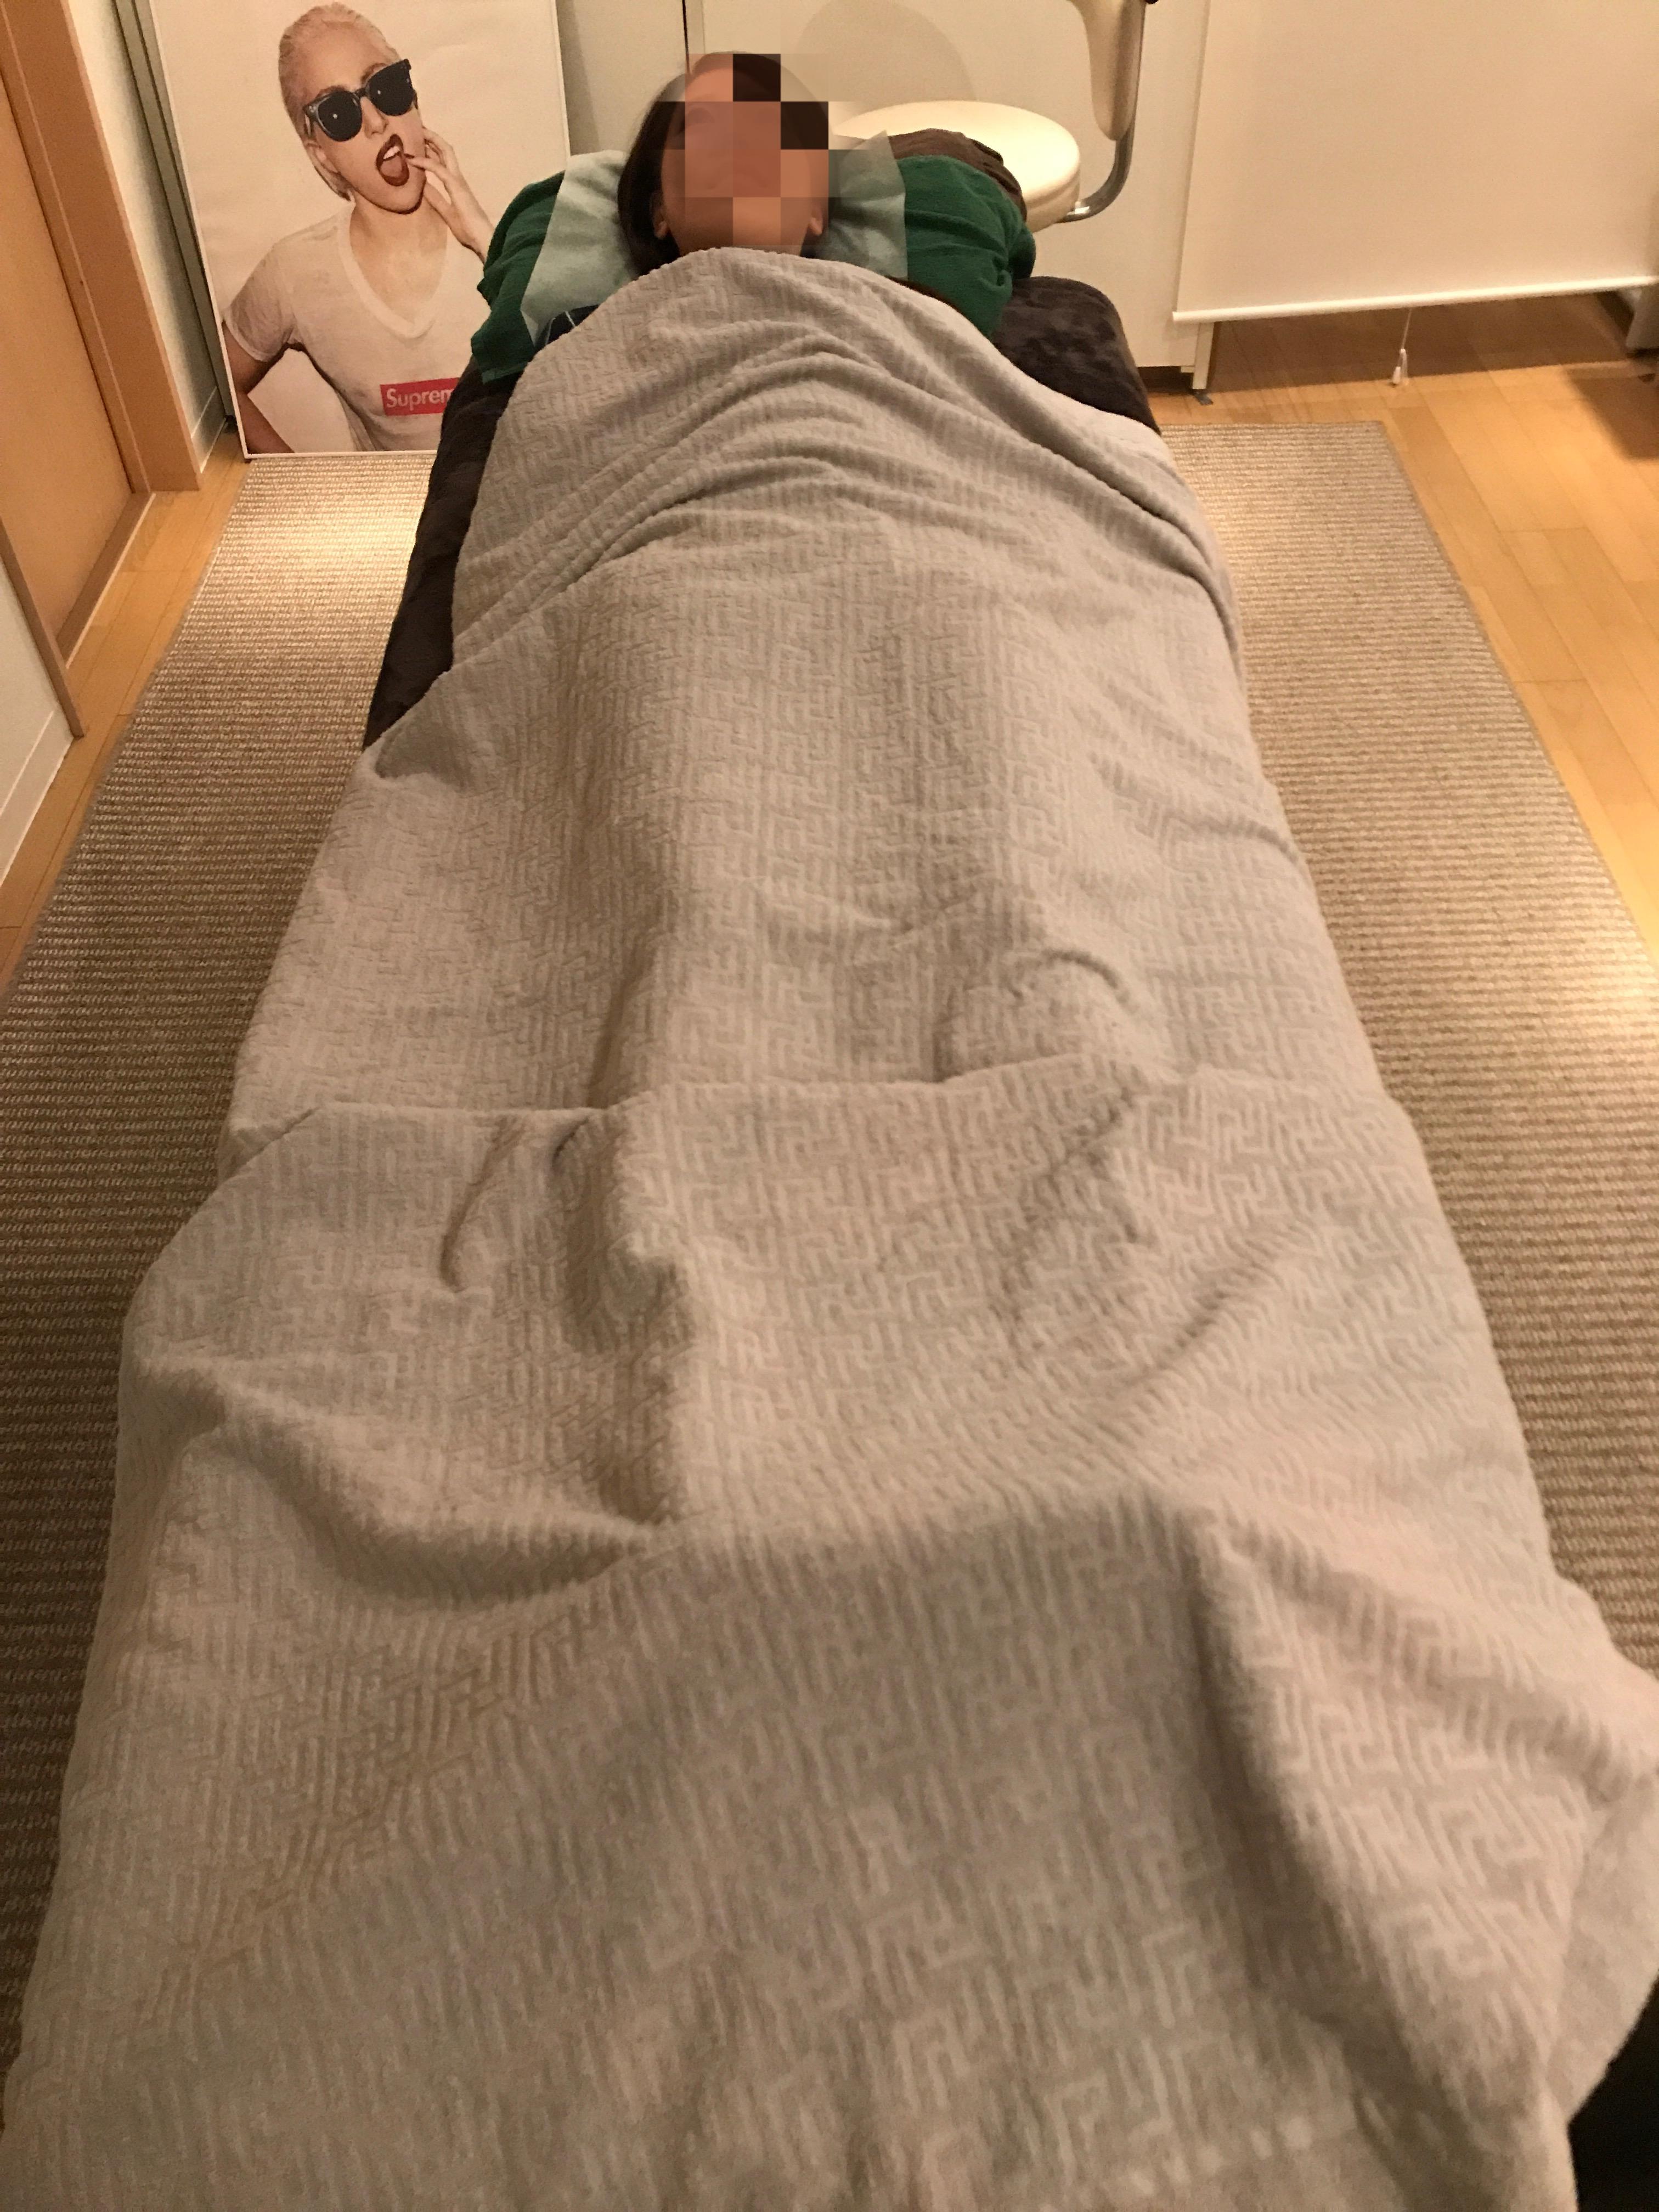 立方骨という足首の骨が原因で腰が痛くなるということもある。